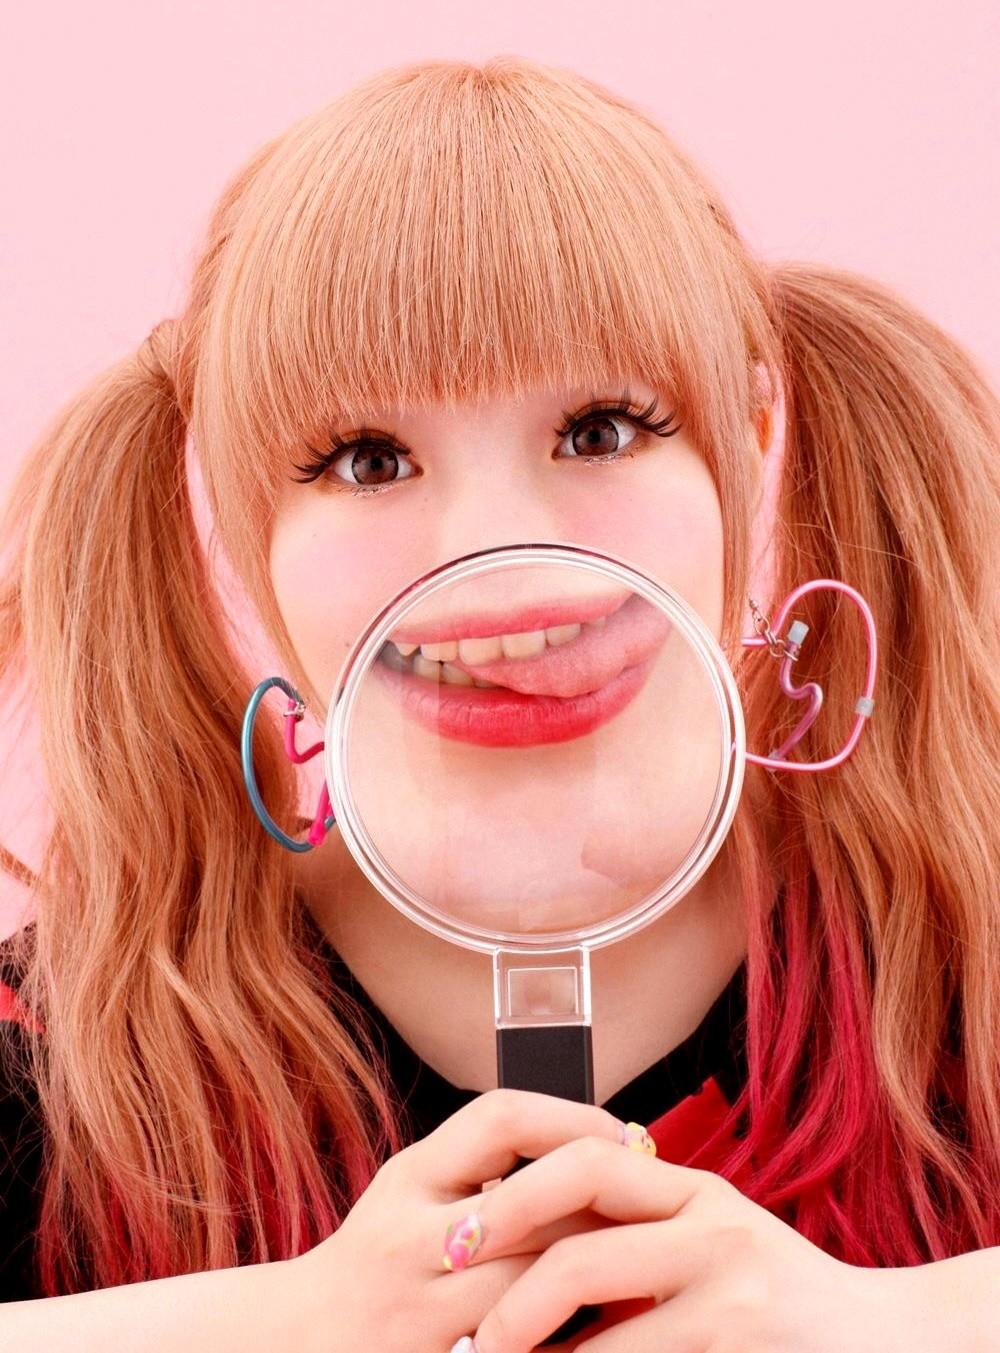 きゃりーぱみゅぱみゅの変顔舌出し (4)